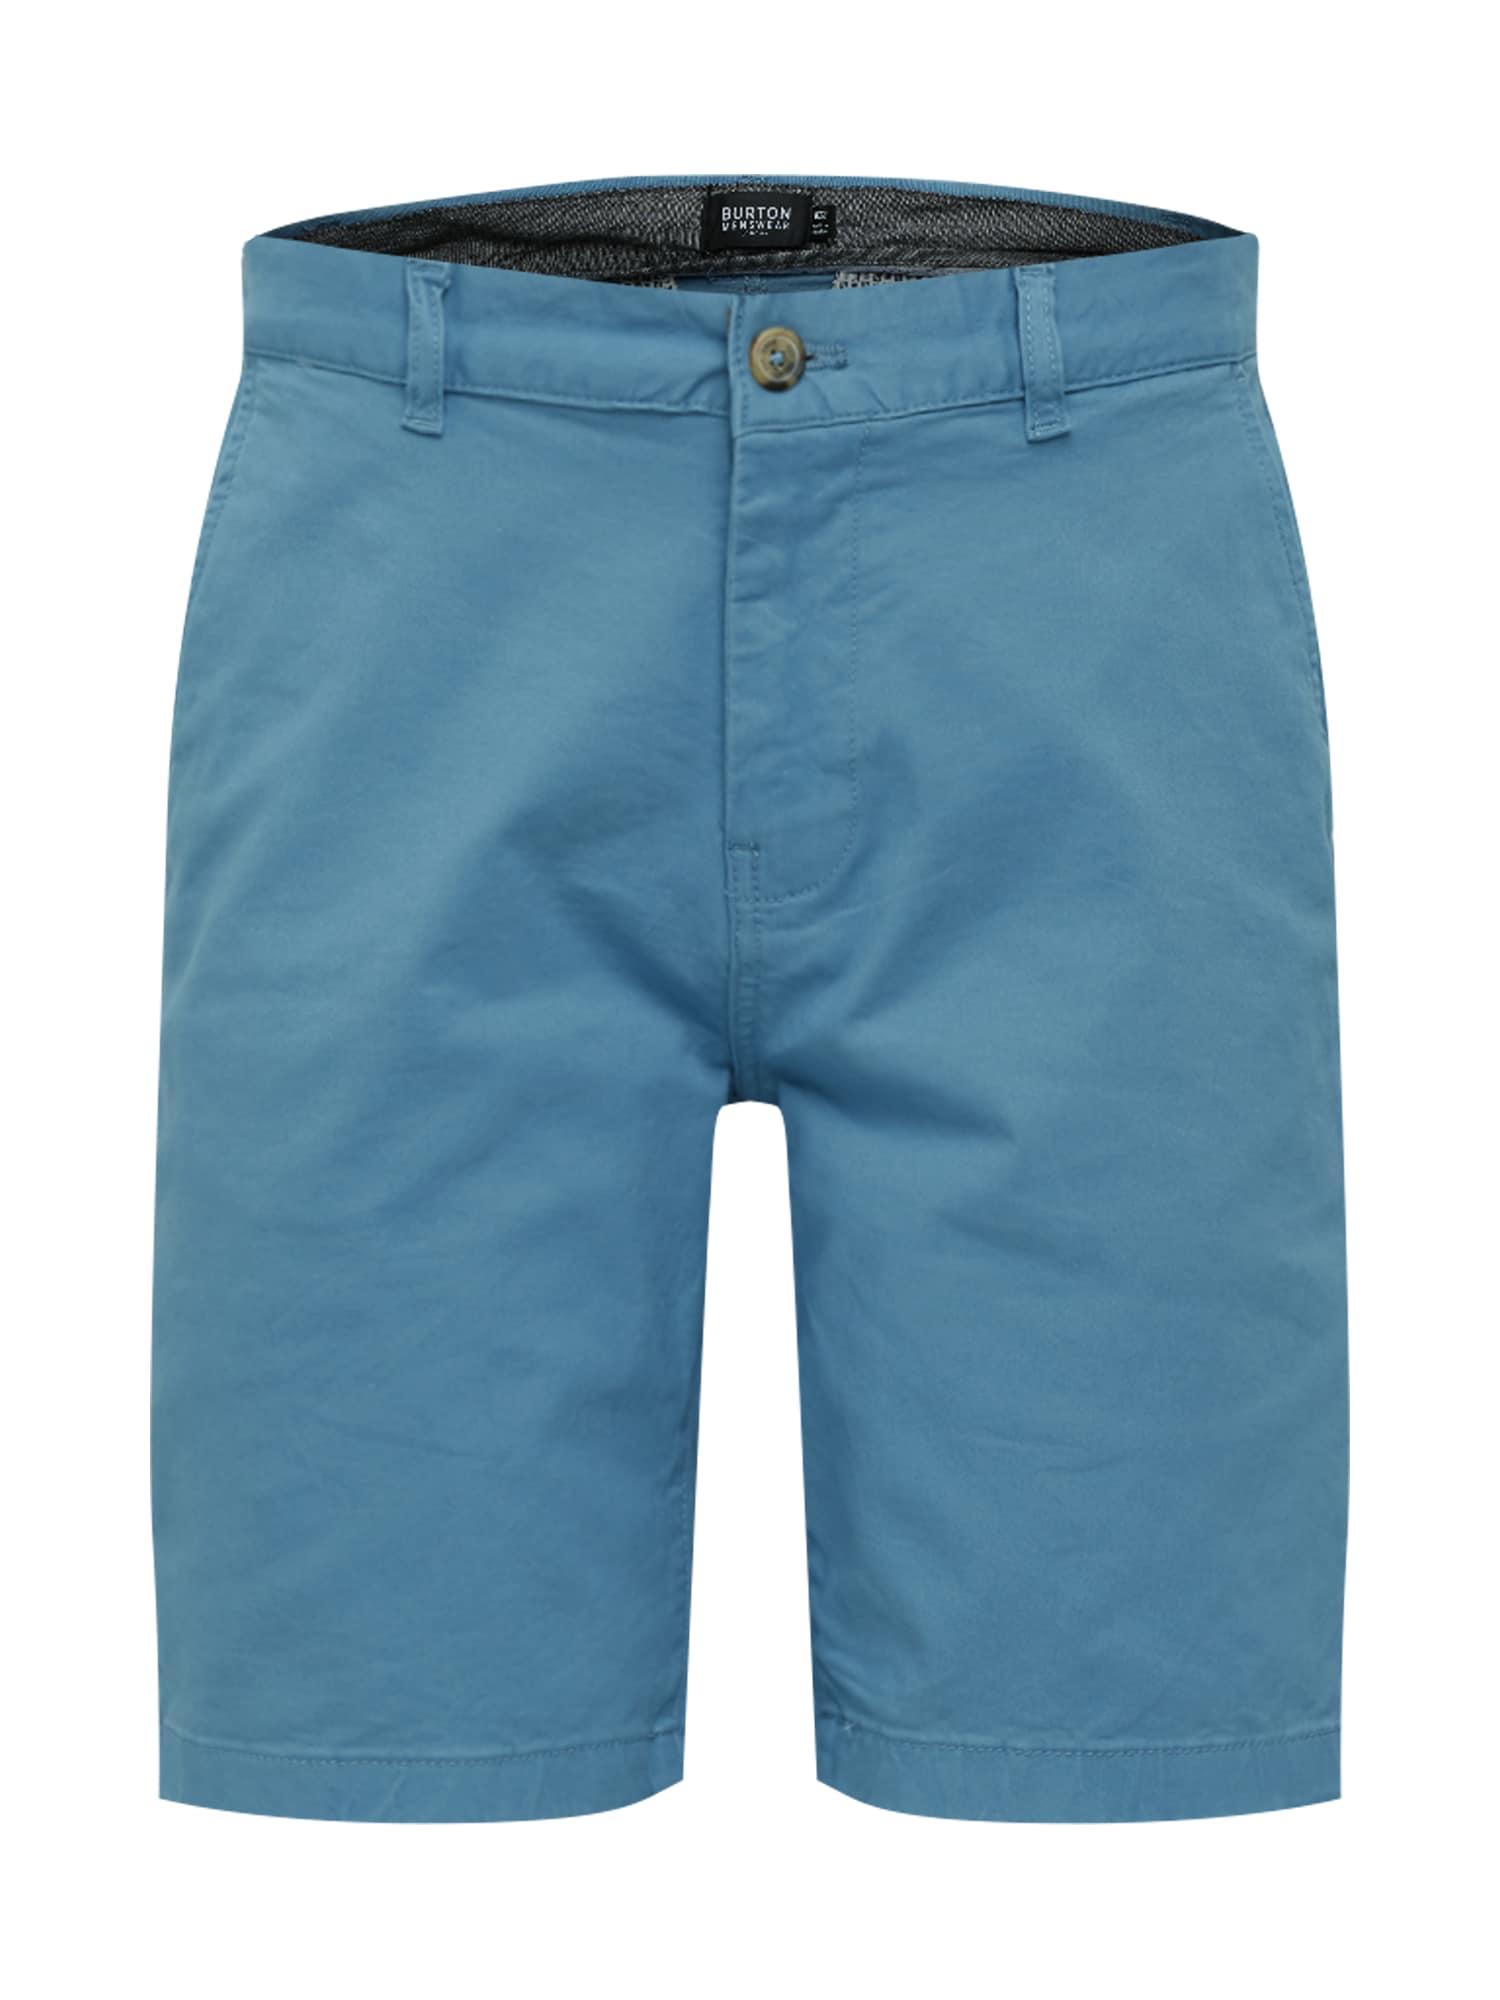 BURTON MENSWEAR LONDON Chino stiliaus kelnės mėlyna